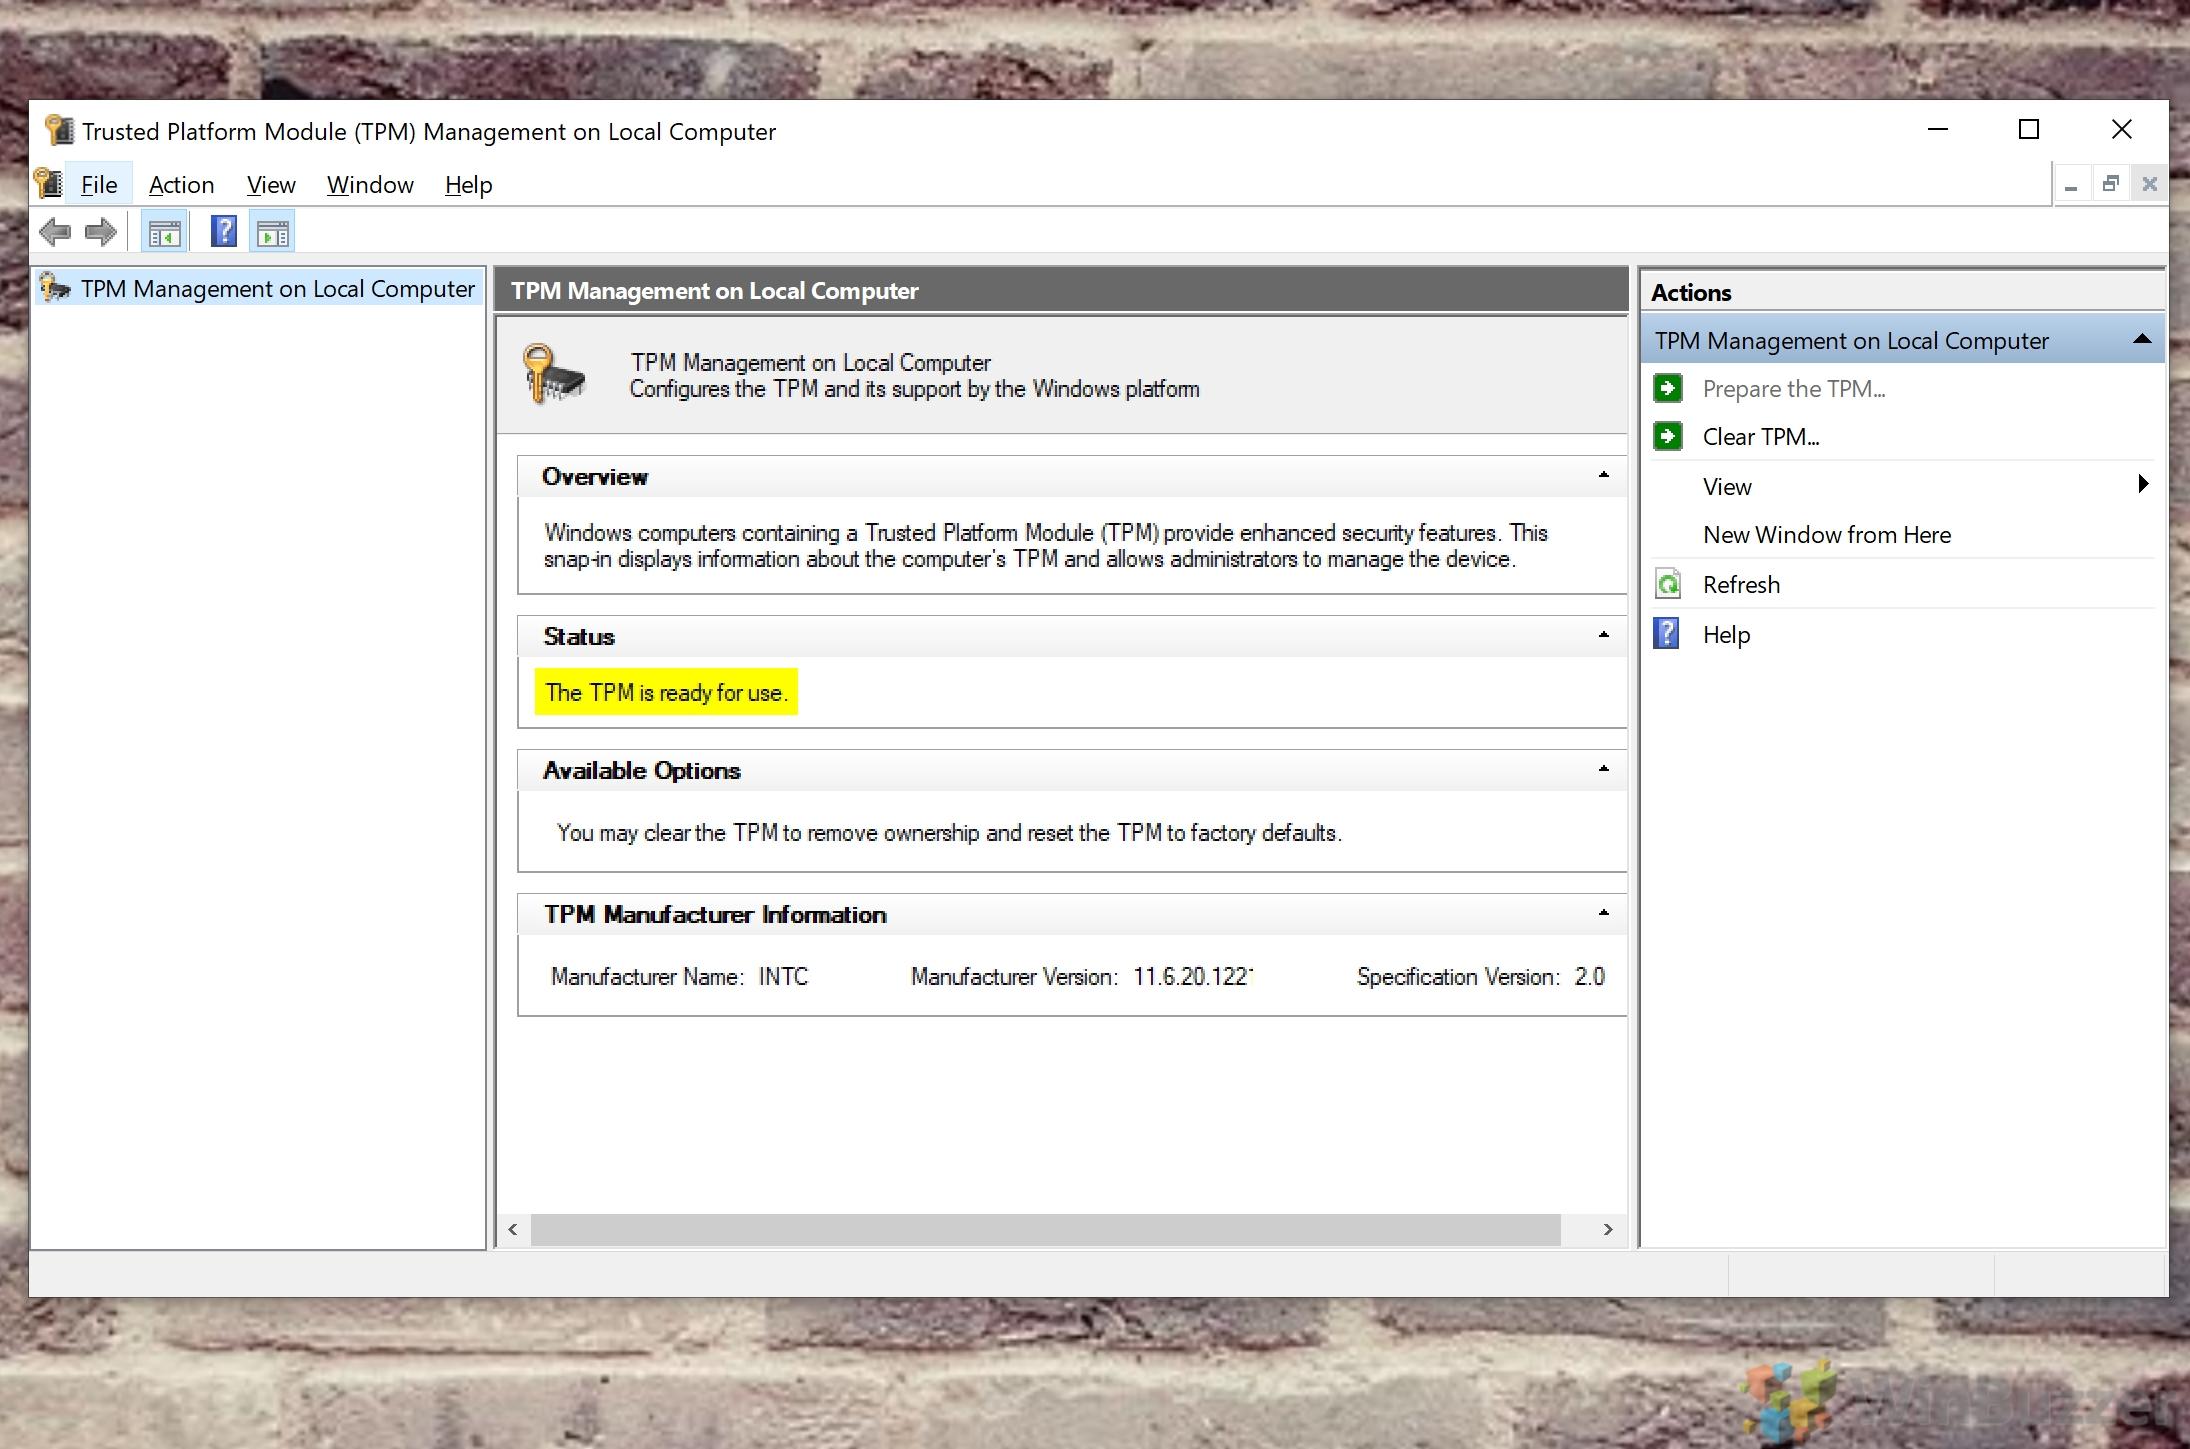 Windows 10 - Run - Tpm.msc - Evidence